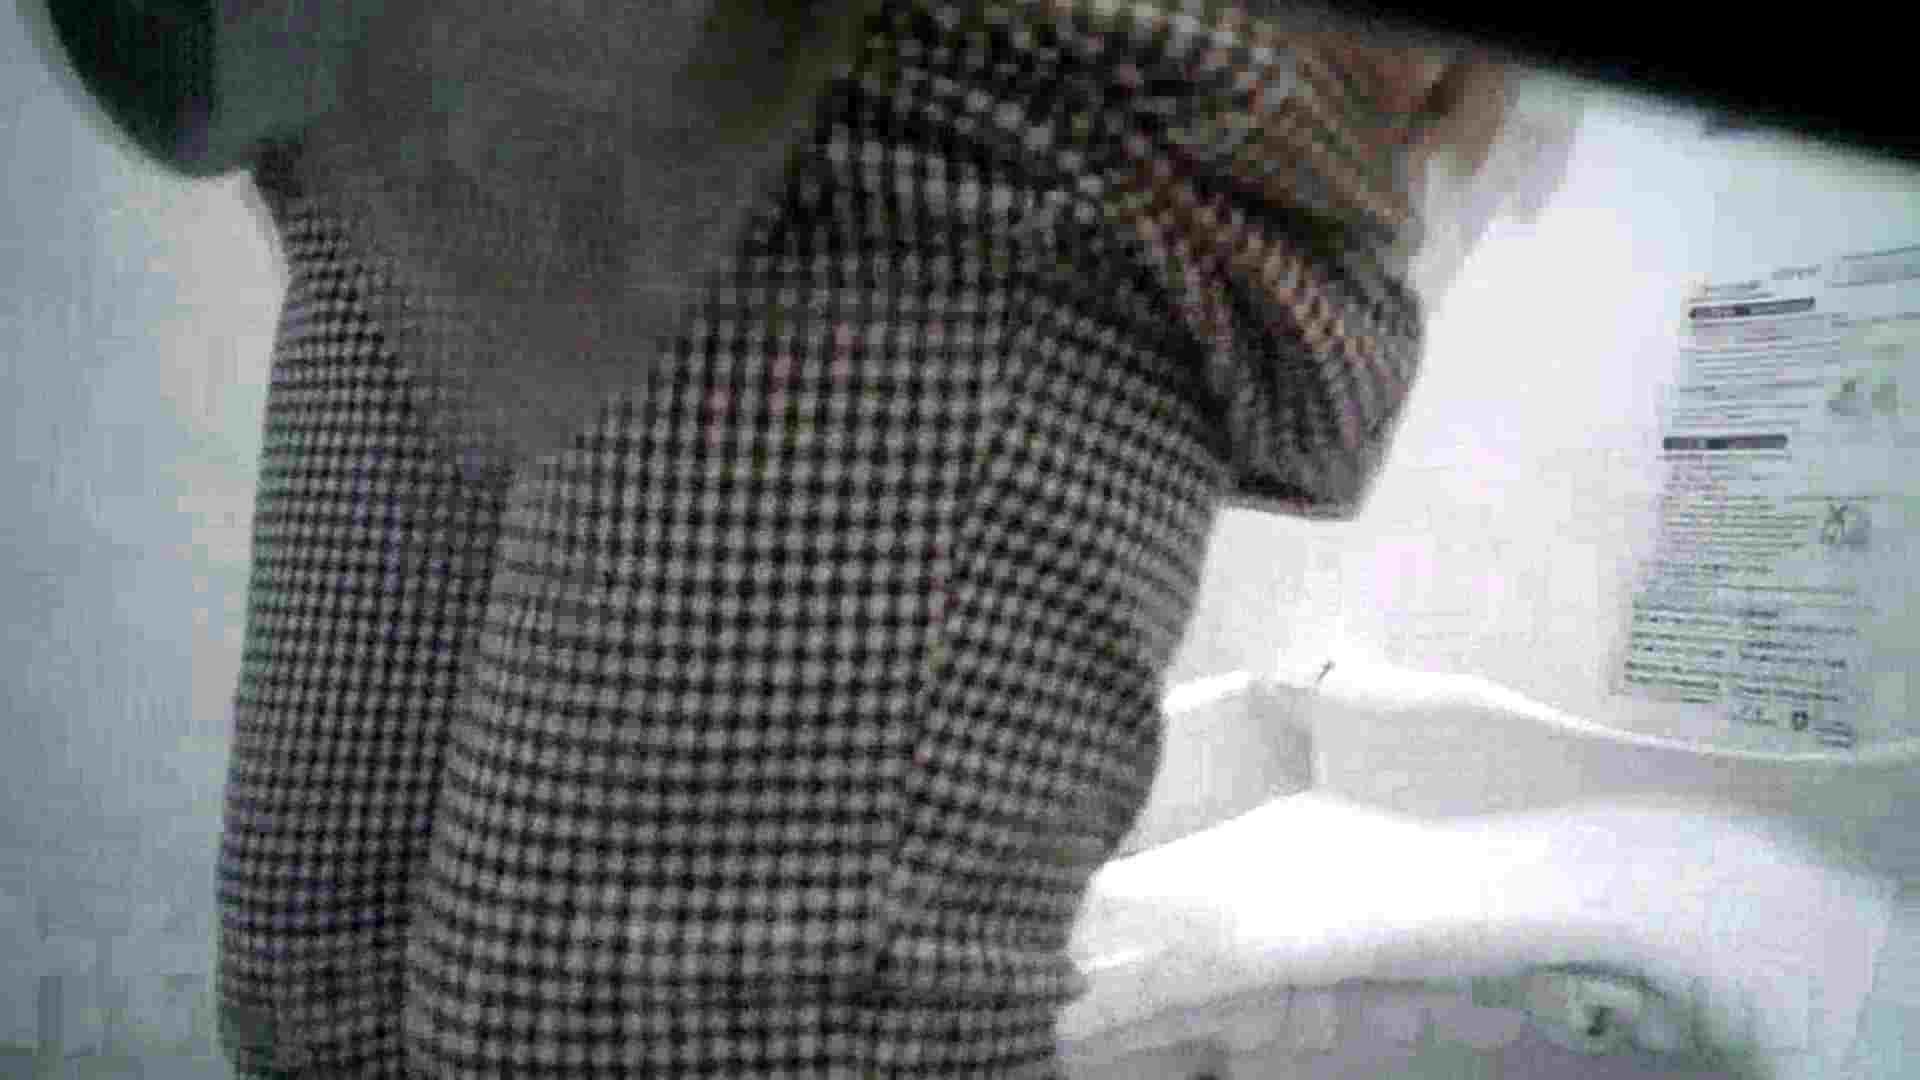 某有名大学女性洗面所 vol.32 洗面所 濡れ場動画紹介 103連発 49